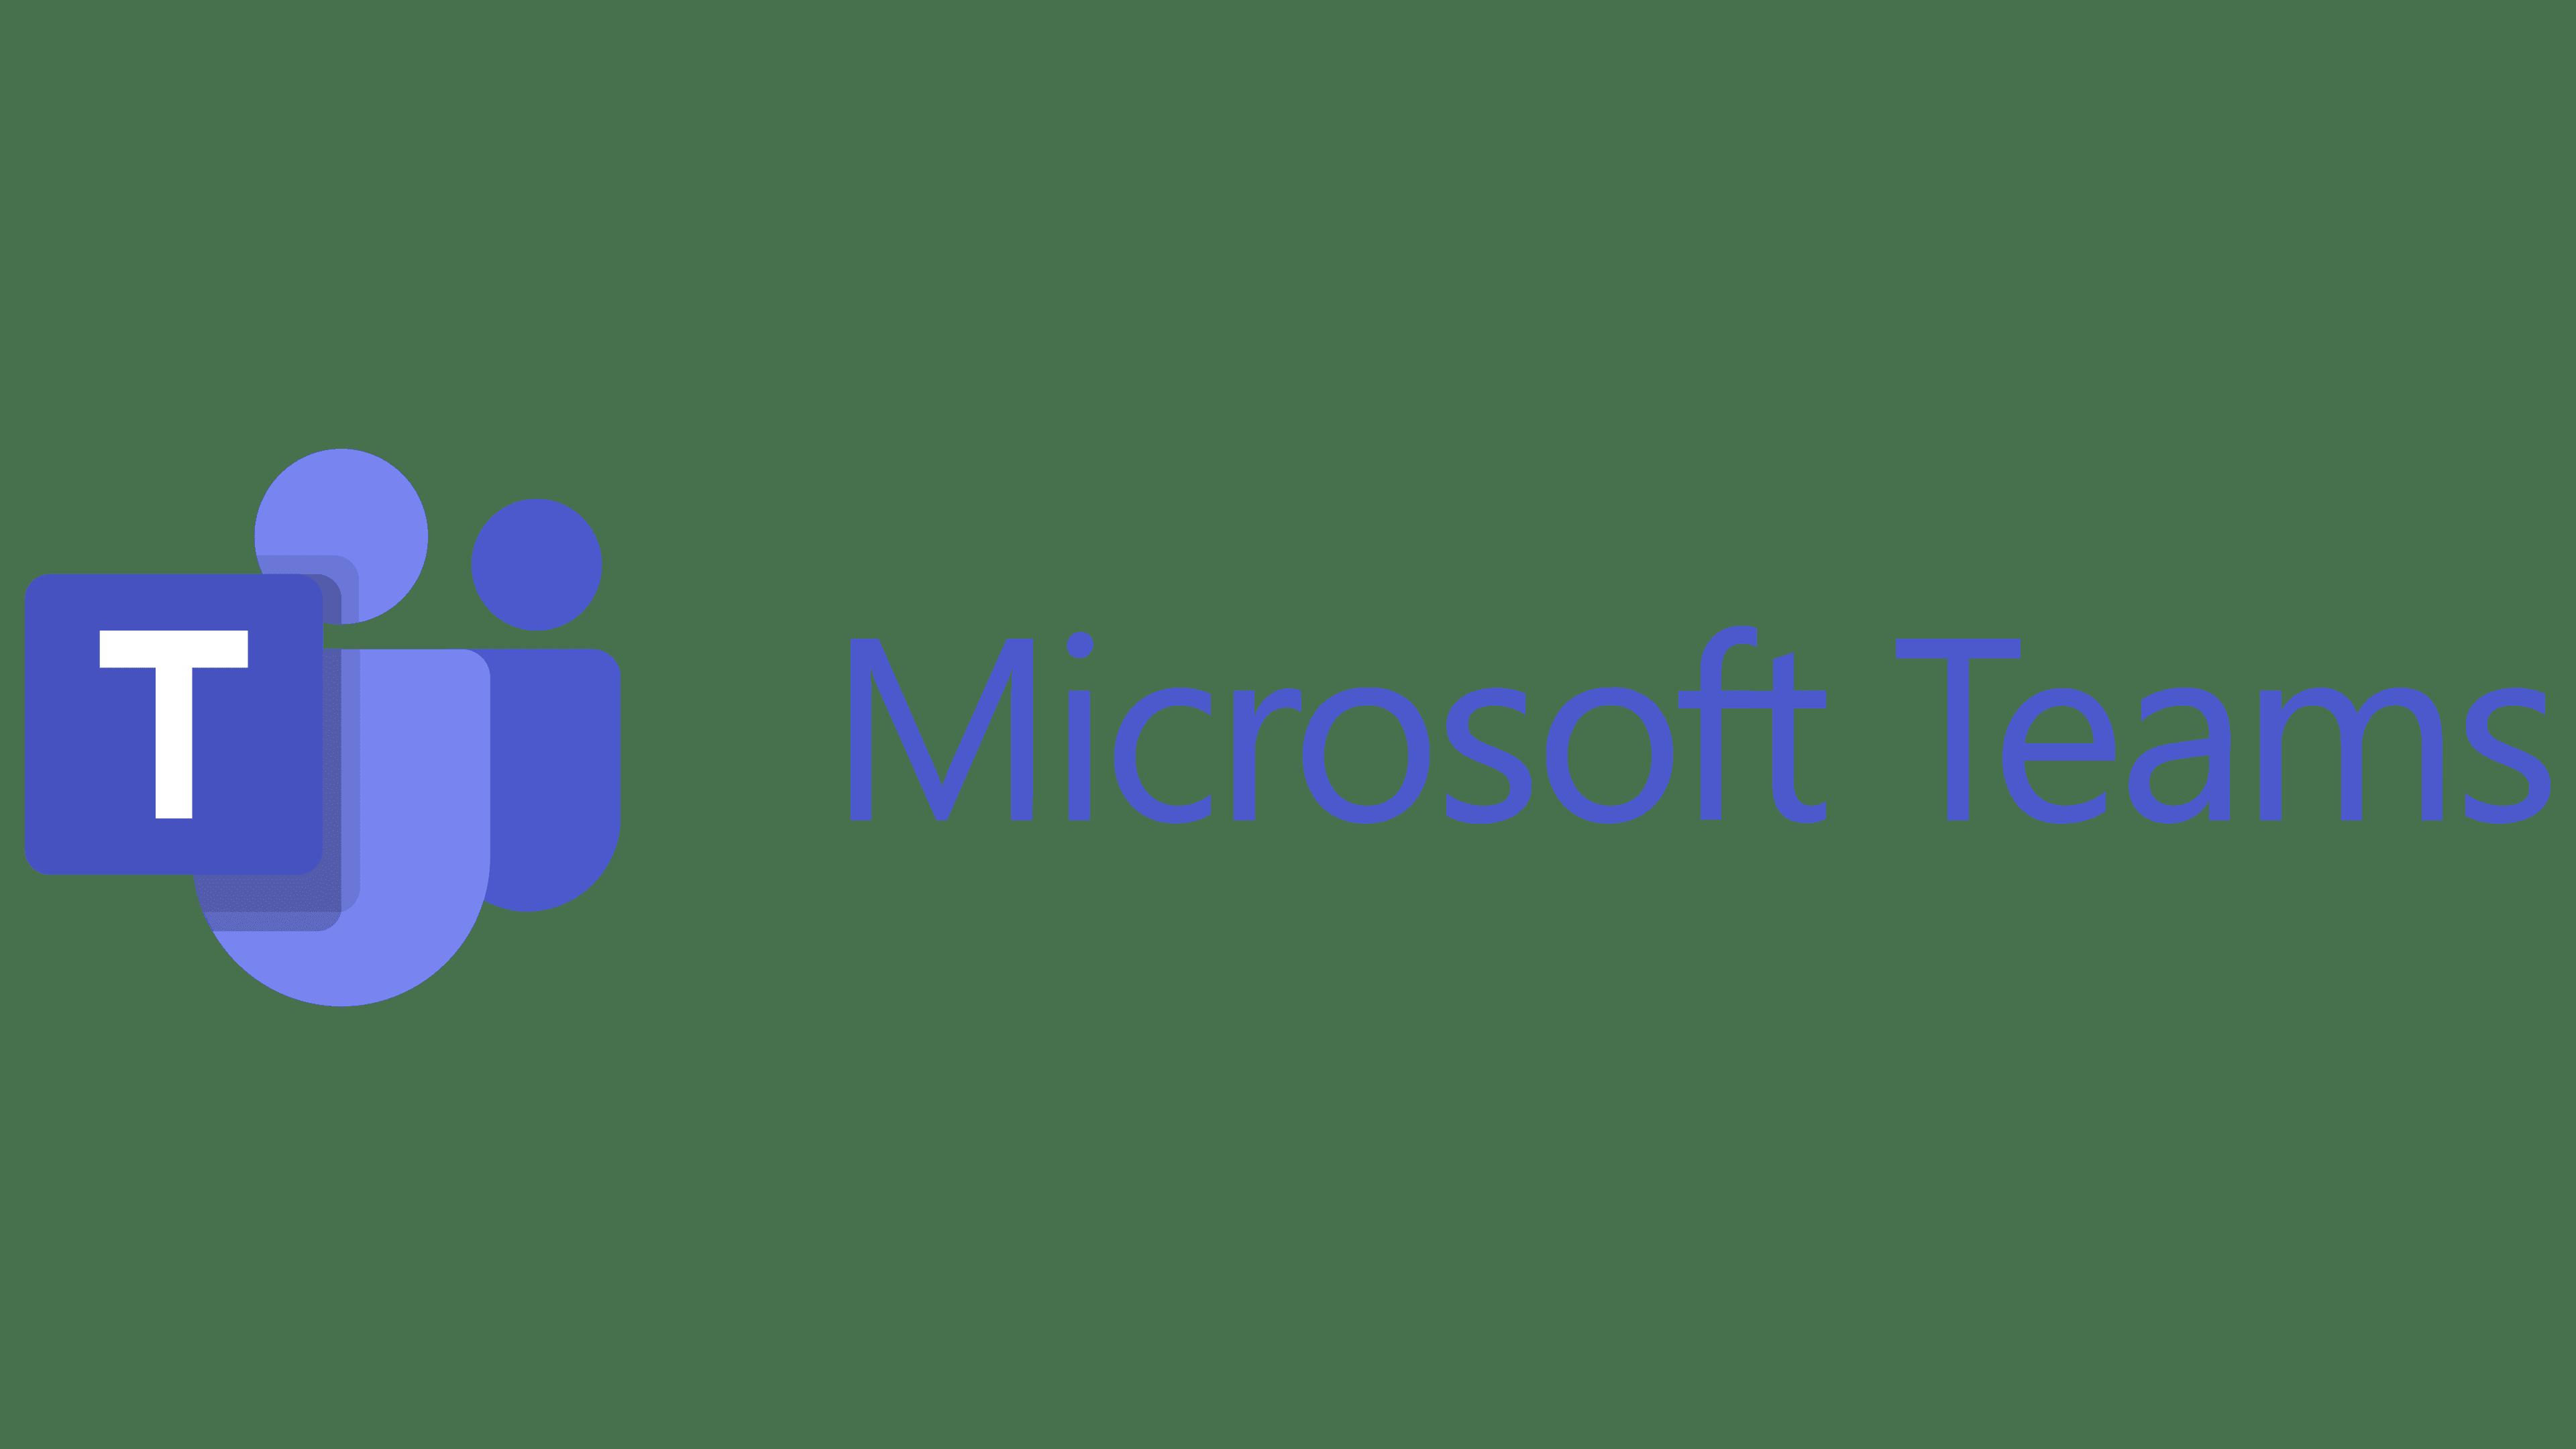 Microsoft-Teams-Emblem